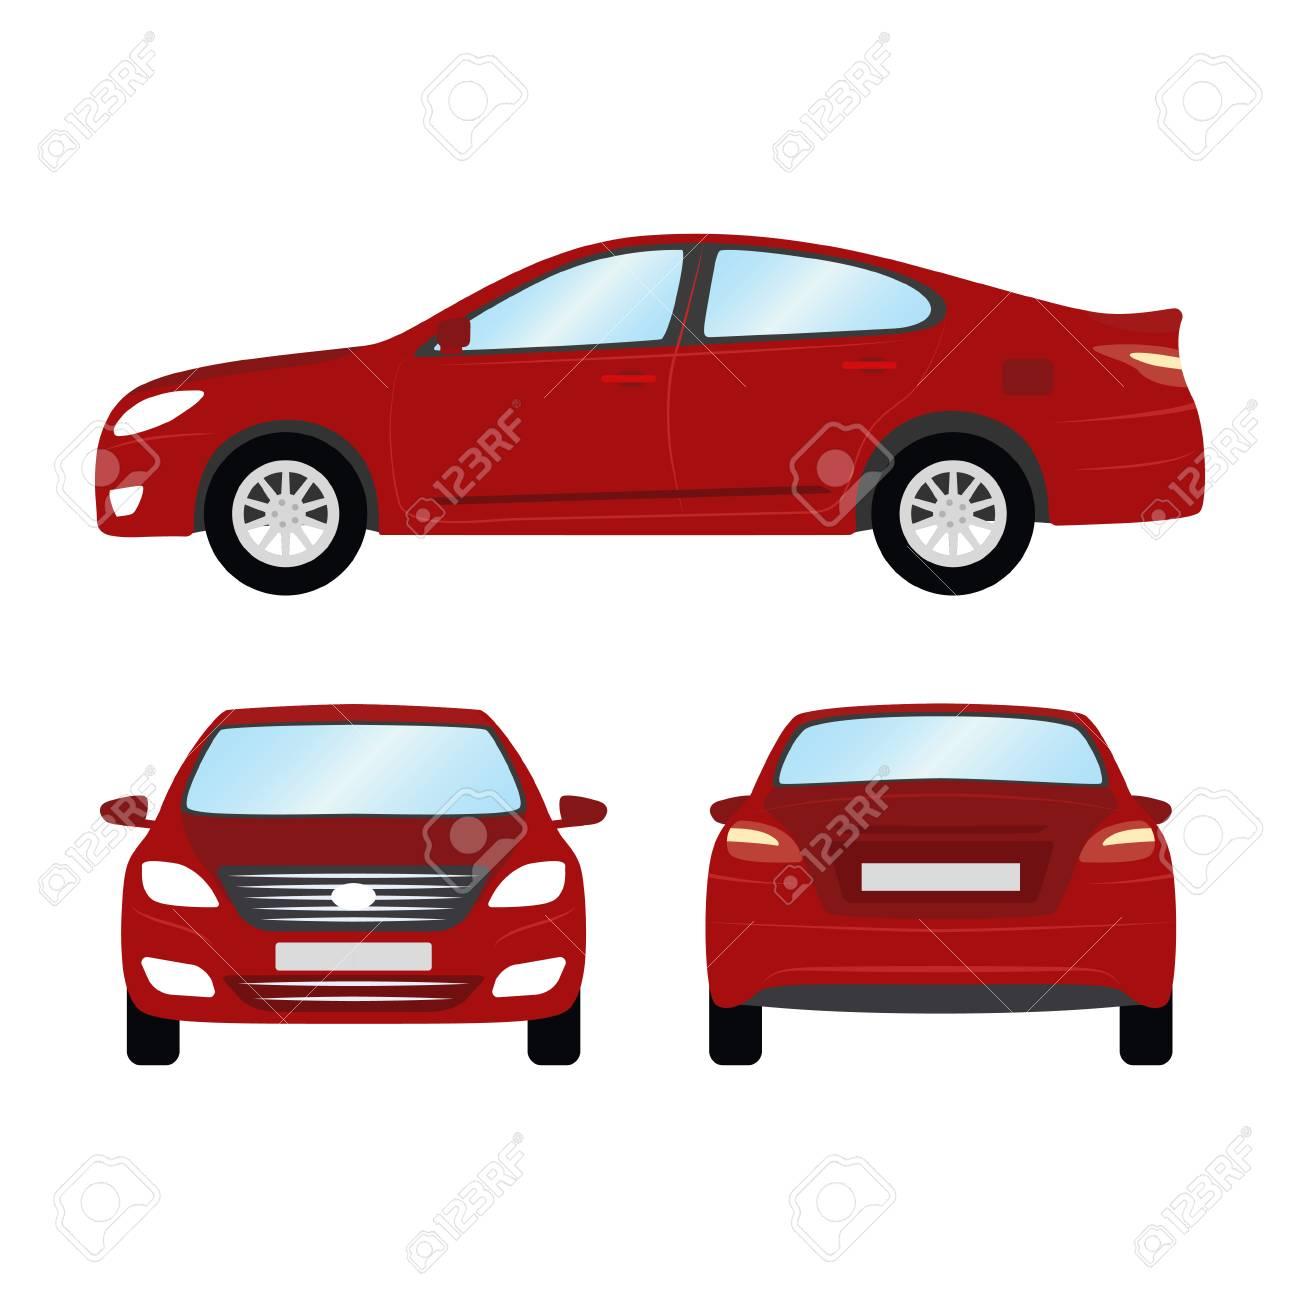 Ziemlich Fahrzeug Vektor Vorlagen Galerie - Beispielzusammenfassung ...